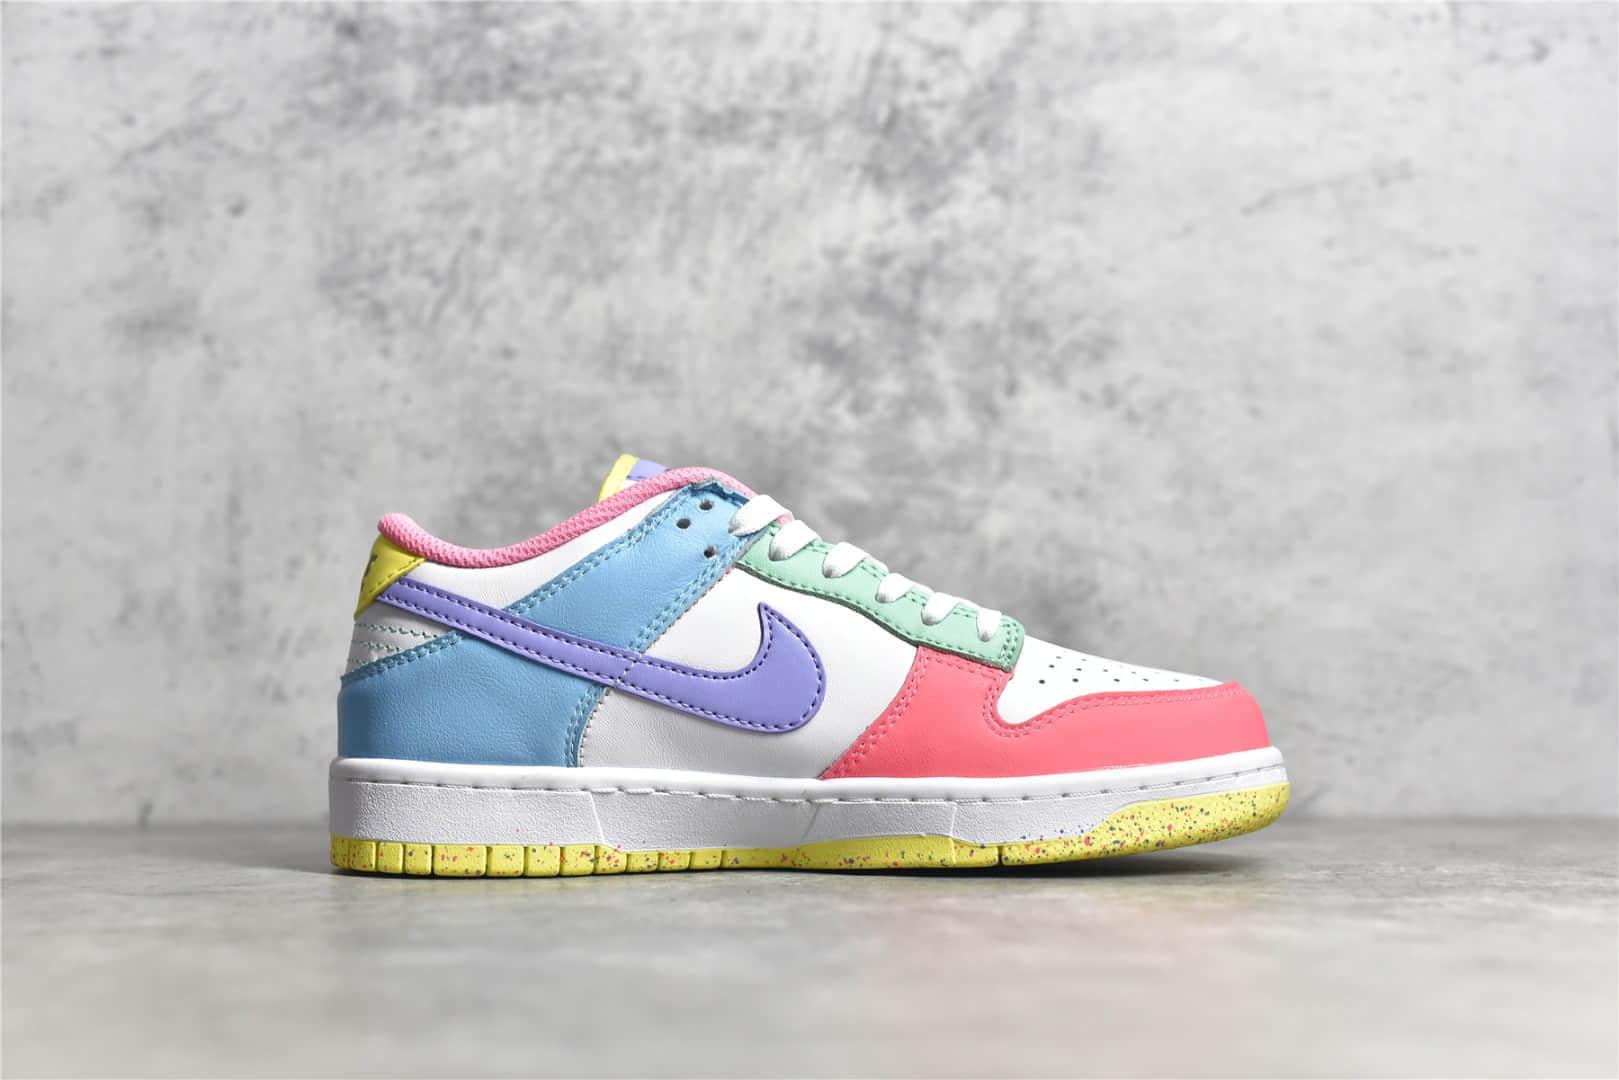 耐克Dunk SB粉绿蓝拼接鸳鸯低帮板鞋 Nike Dunk SB Low 耐克Dunk SB彩色拼接 货号:DD1872-100-潮流者之家